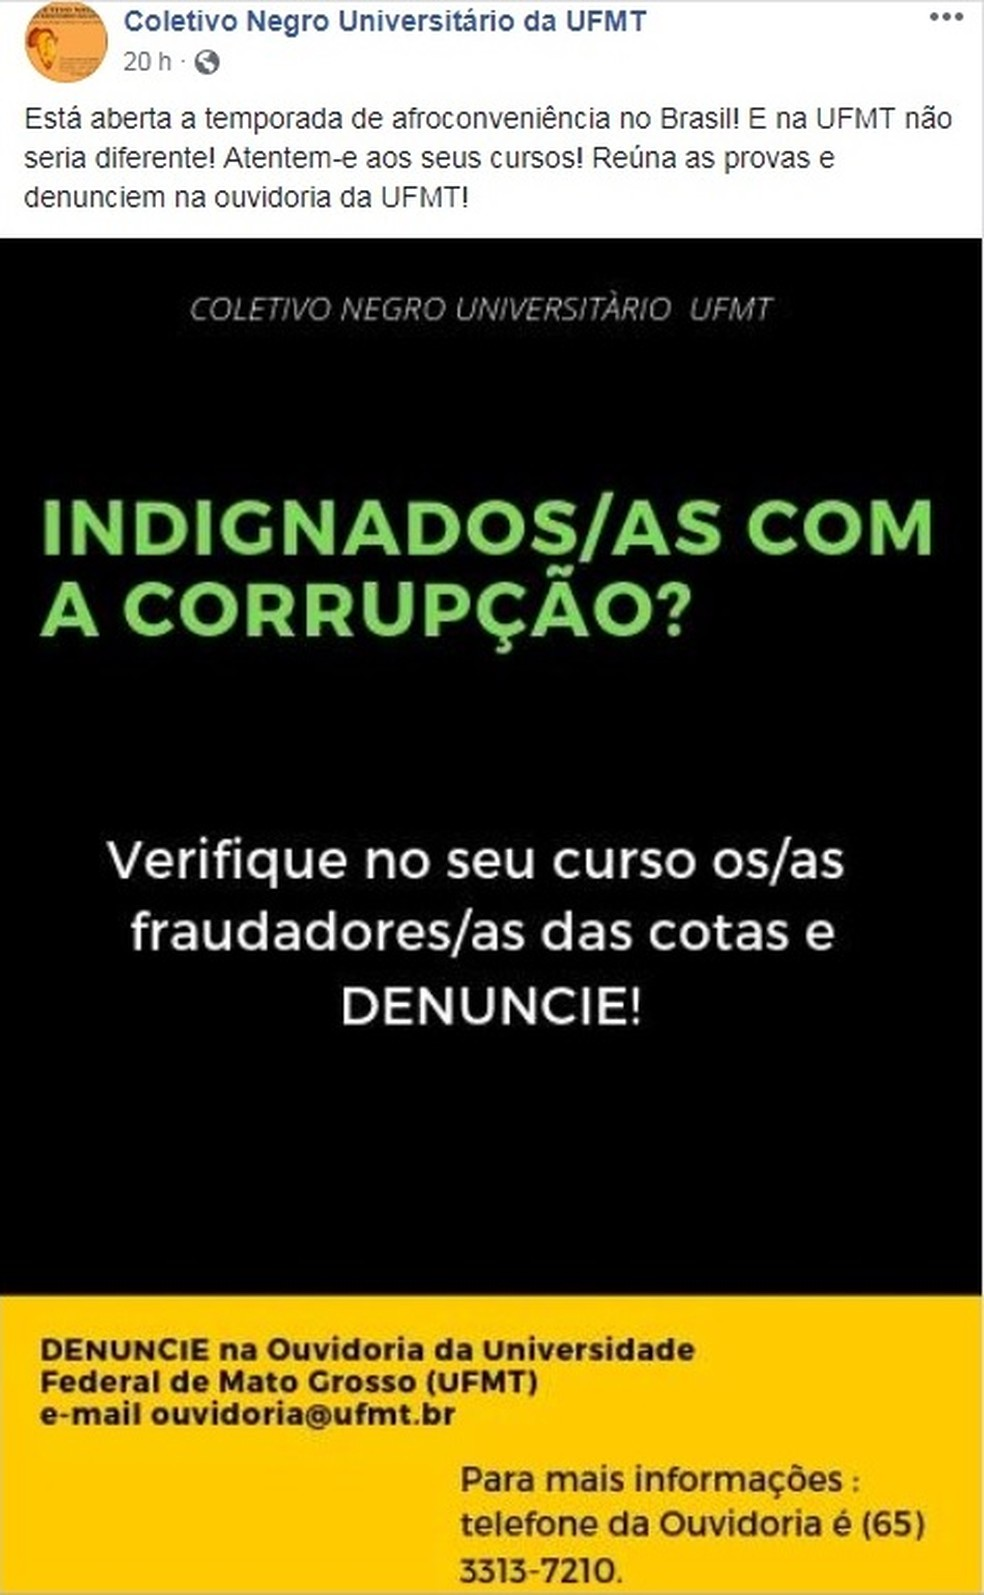 Coletivo Negro da UFMT fez publicação na web — Foto: Facebook/Reprodução